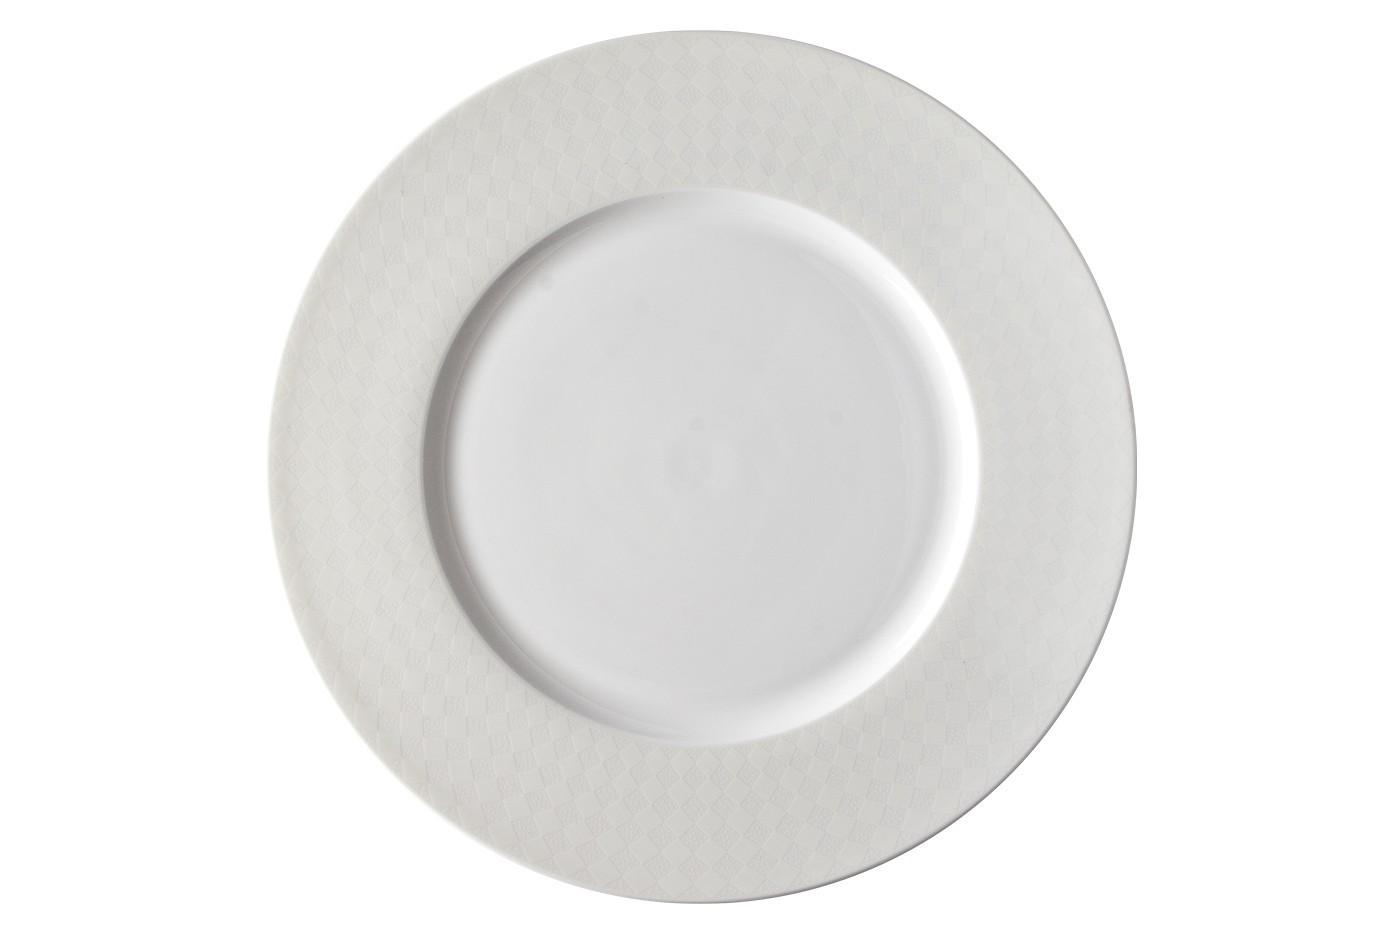 Набор из 6 тарелок Royal Aurel Честер (25см) арт.634Наборы тарелок<br>Набор из 6 тарелок Royal Aurel Честер (25см) арт.634<br>Производить посуду из фарфора начали в Китае на стыке 6-7 веков. Неустанно совершенствуя и селективно отбирая сырье для производства посуды из фарфора, мастерам удалось добиться выдающихся характеристик фарфора: белизны и тонкостенности. В XV веке появился особый интерес к китайской фарфоровой посуде, так как в это время Европе возникла мода на самобытные китайские вещи. Роскошный китайский фарфор являлся изыском и был в новинку, поэтому он выступал в качестве подарка королям, а также знатным людям. Такой дорогой подарок был очень престижен и по праву являлся элитной посудой. Как известно из многочисленных исторических документов, в Европе китайские изделия из фарфора ценились практически как золото. <br>Проверка изделий из костяного фарфора на подлинность <br>По сравнению с производством других видов фарфора процесс производства изделий из настоящего костяного фарфора сложен и весьма длителен. Посуда из изящного фарфора - это элитная посуда, которая всегда ассоциируется с богатством, величием и благородством. Несмотря на небольшую толщину, фарфоровая посуда - это очень прочное изделие. Для демонстрации плотности и прочности фарфора можно легко коснуться предметов посуды из фарфора деревянной палочкой, и тогда мы услушим характерный металлический звон. В составе фарфоровой посуды присутствует костяная зола, благодаря чему она может быть намного тоньше (не более 2,5 мм) и легче твердого или мягкого фарфора. Безупречная белизна - ключевой признак отличия такого фарфора от других. Цвет обычного фарфора сероватый или ближе к голубоватому, а костяной фарфор будет всегда будет молочно-белого цвета. Характерная и немаловажная деталь - это невесомая прозрачность изделий из фарфора такая, что сквозь него проходит свет.<br>